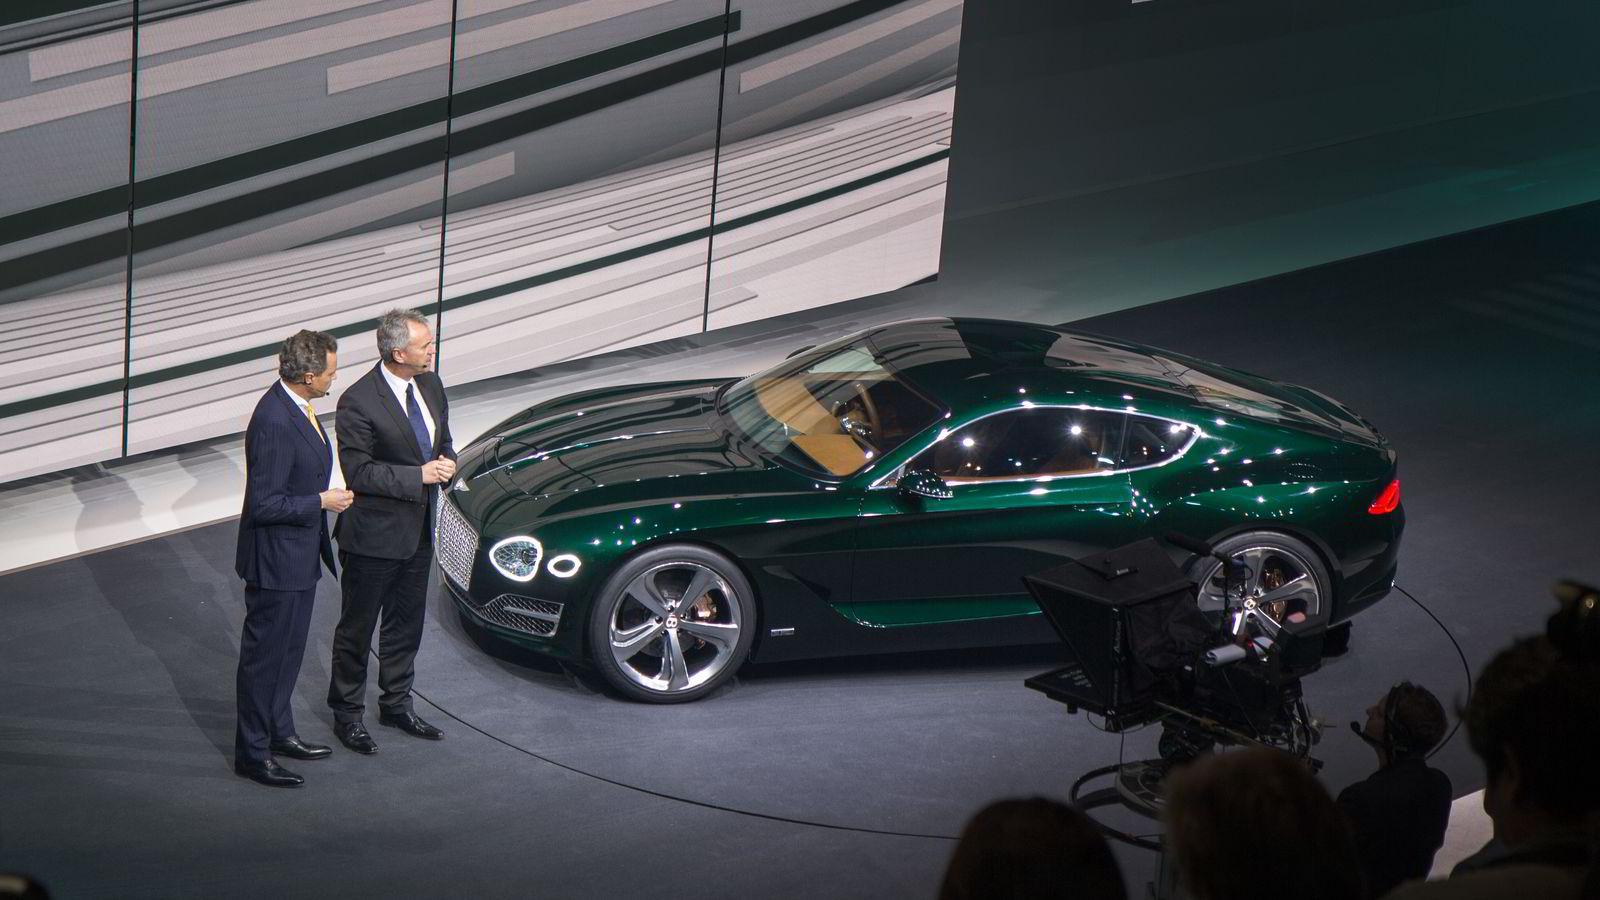 Bentley-sjef Wolfgang Dürheimer viser fremtidens modell fra det britiske luksusmerket i Genève.